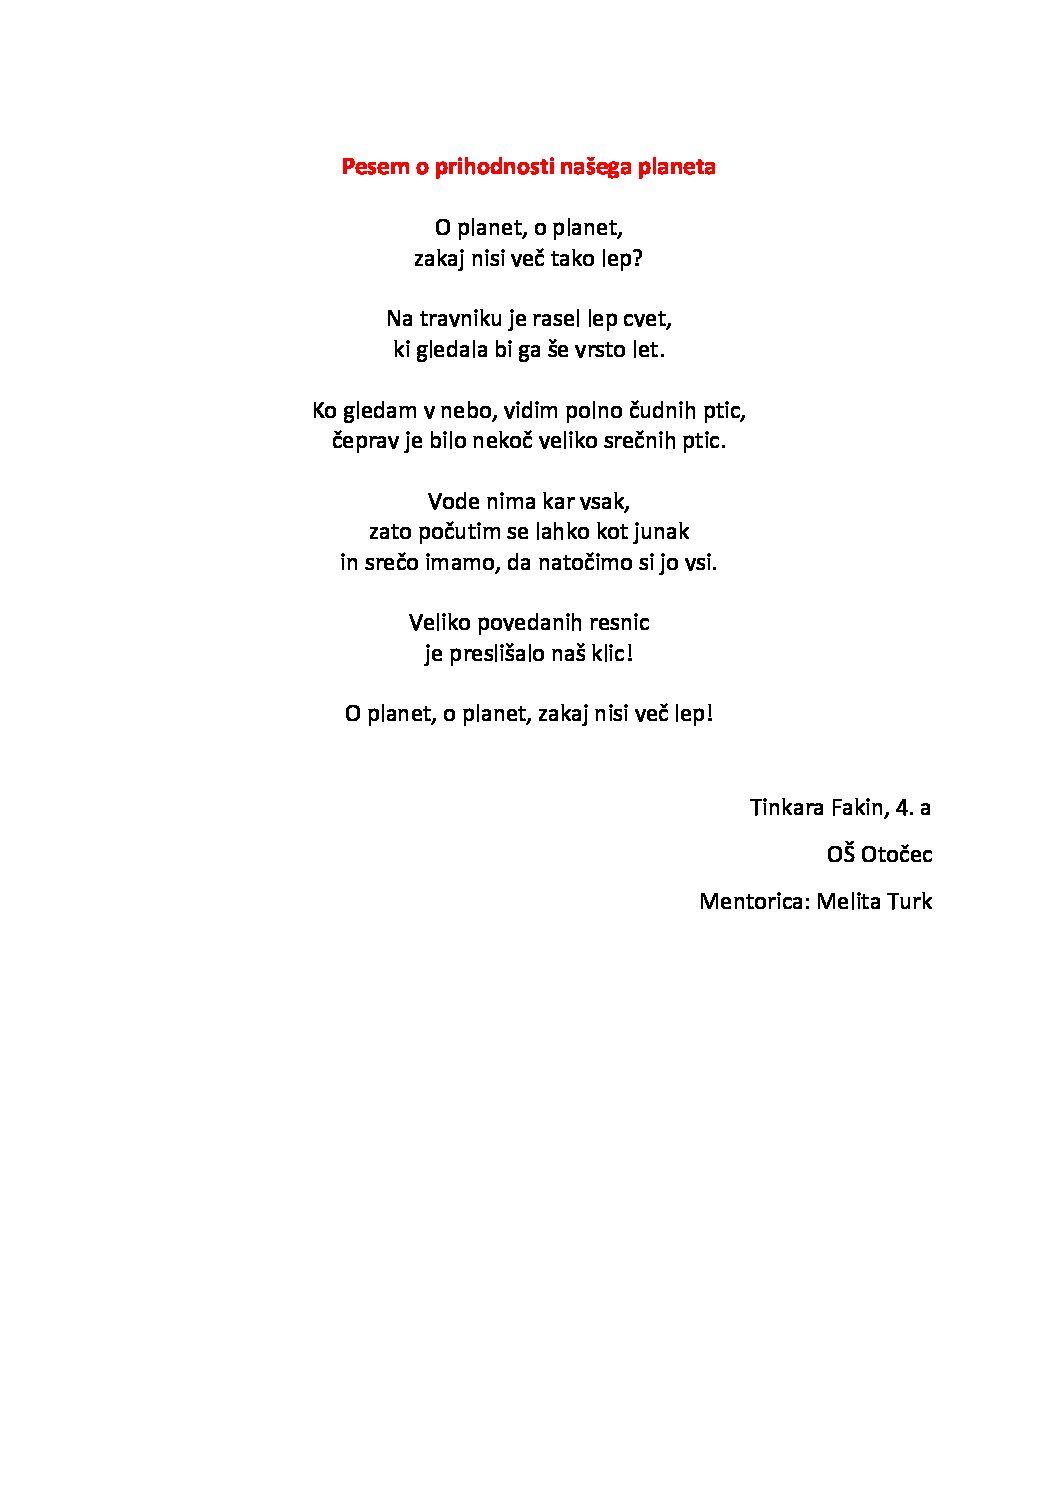 Tinkara Fakin: Pesem o prihodnosti našega planeta